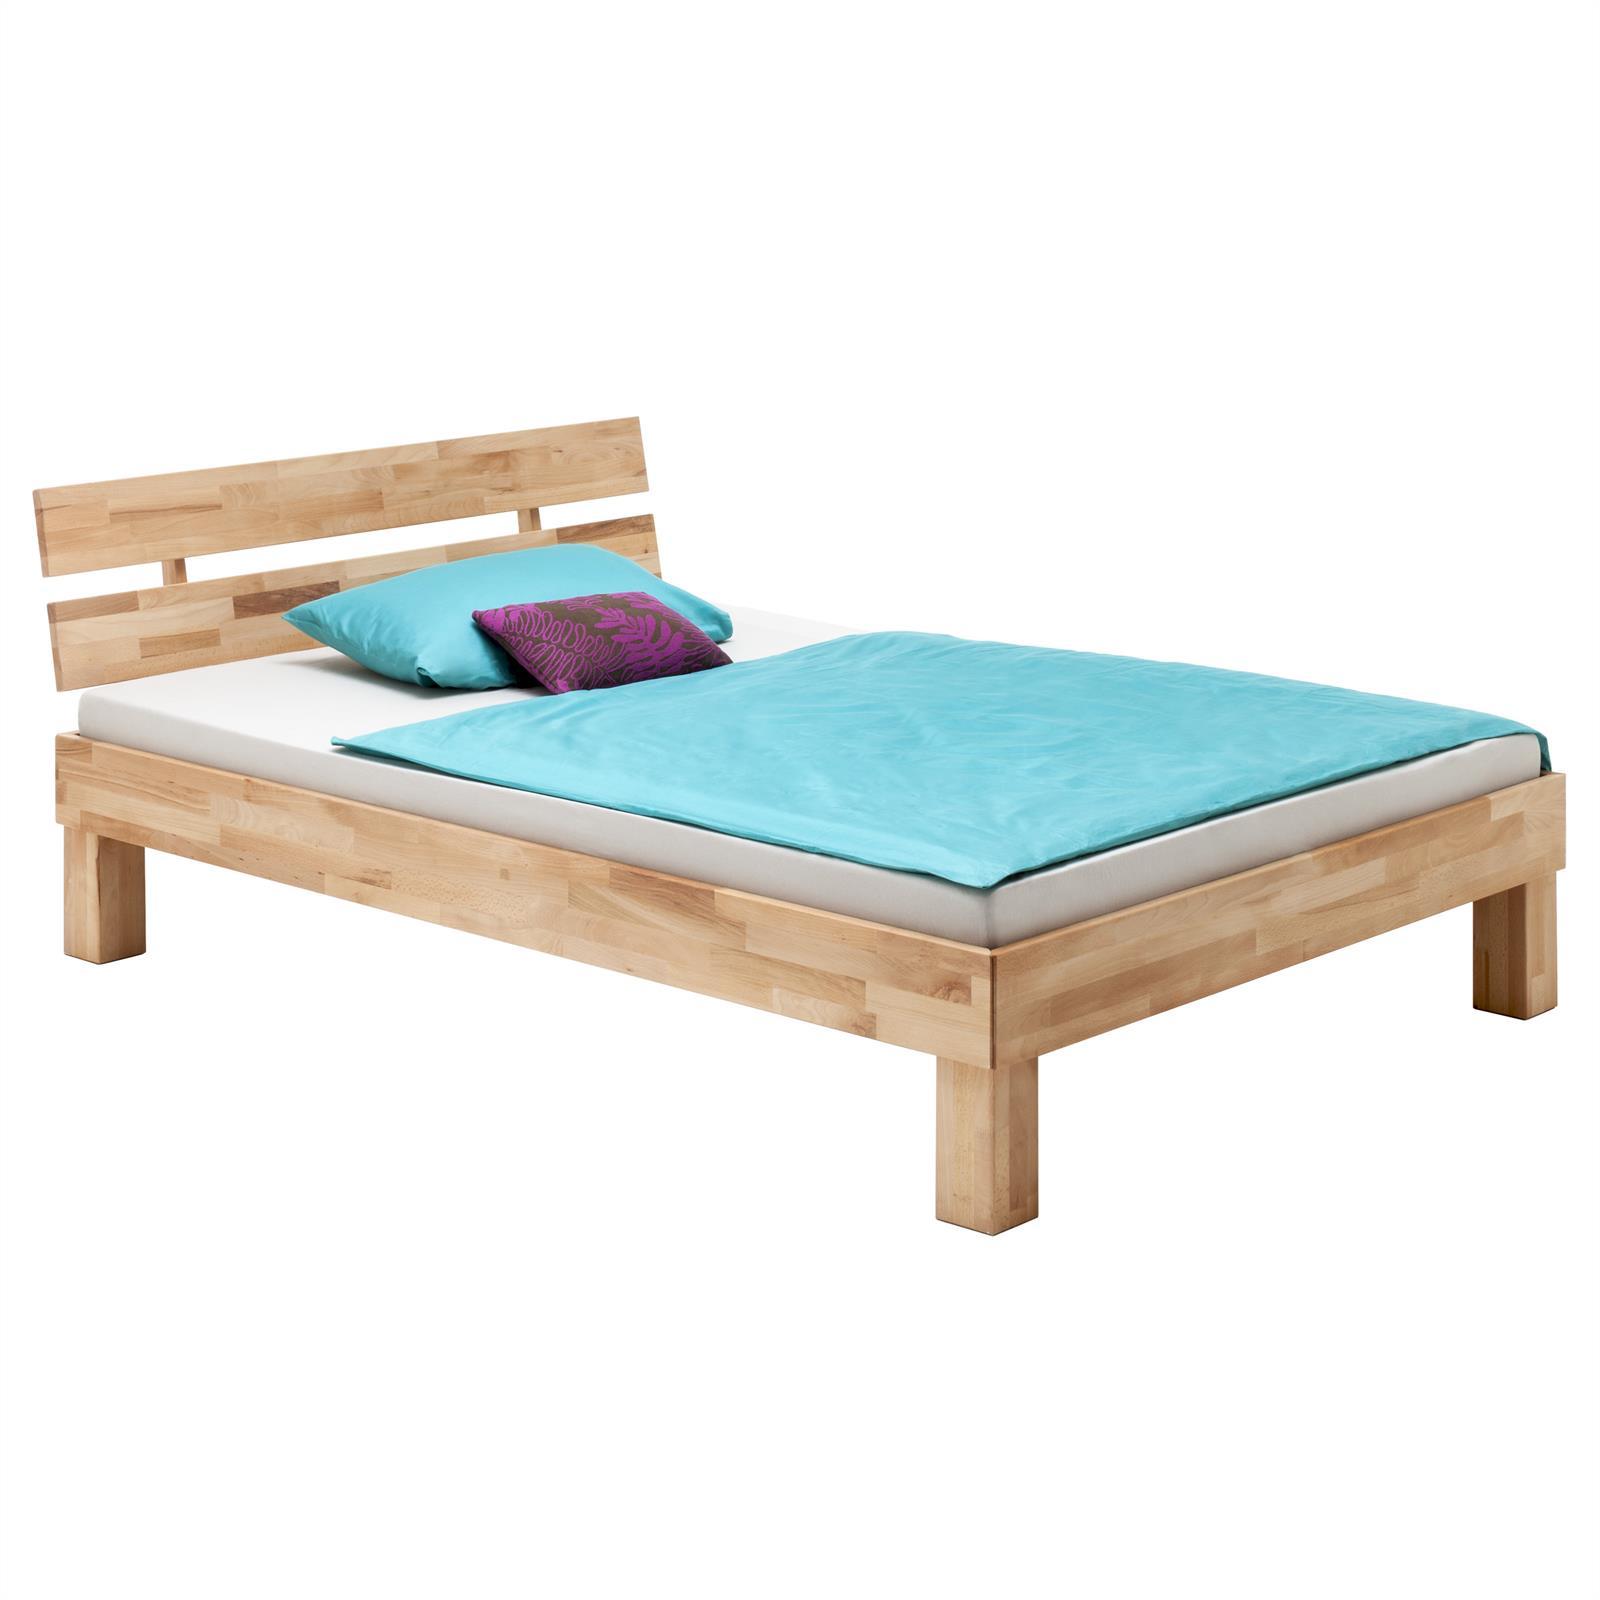 Betten für das heimische schlafzimmer   mobilia24